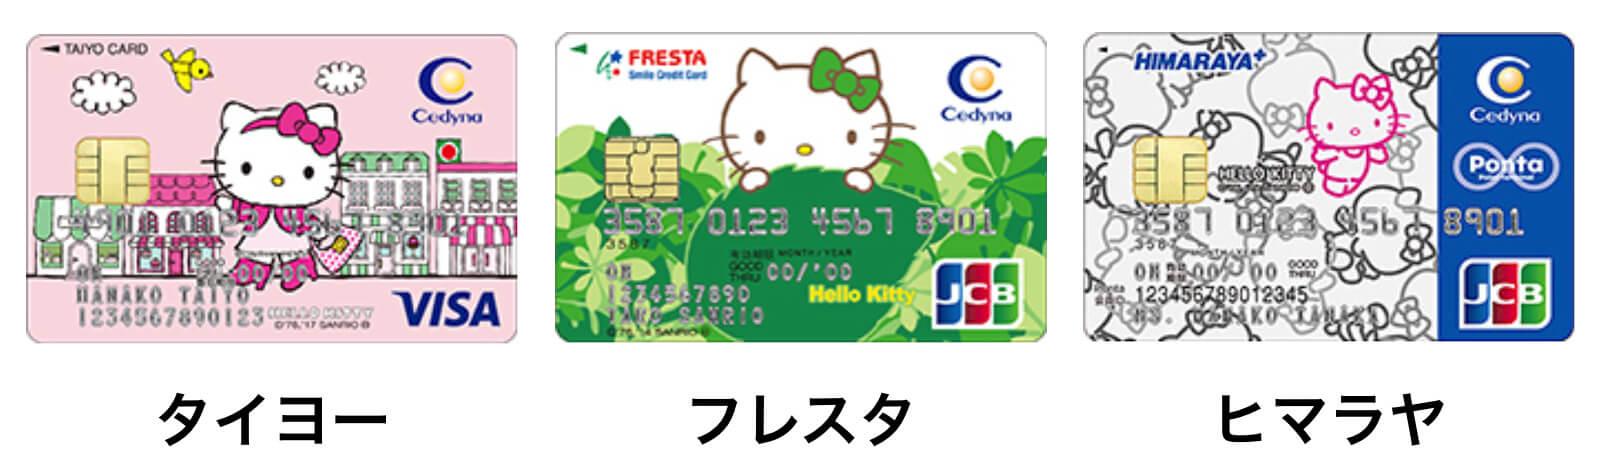 タイヨーカード フレスタスマイルクレジットカード ヒマラヤPontaカードPlus キャラクター クレジットカード